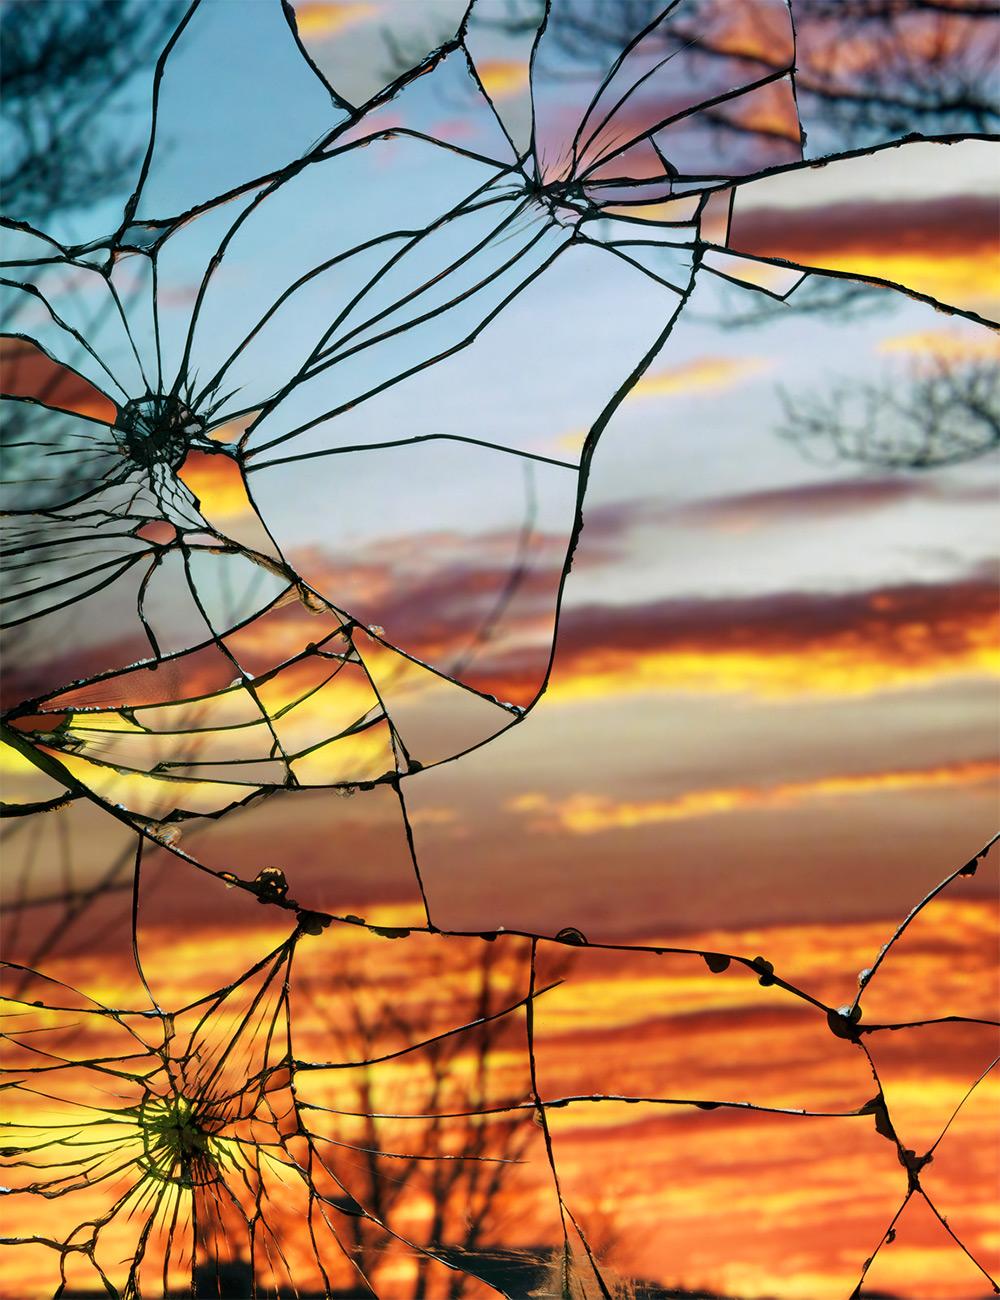 摄影师Bing Wright 捕捉破碎镜子里的黄昏,美得令人窒息